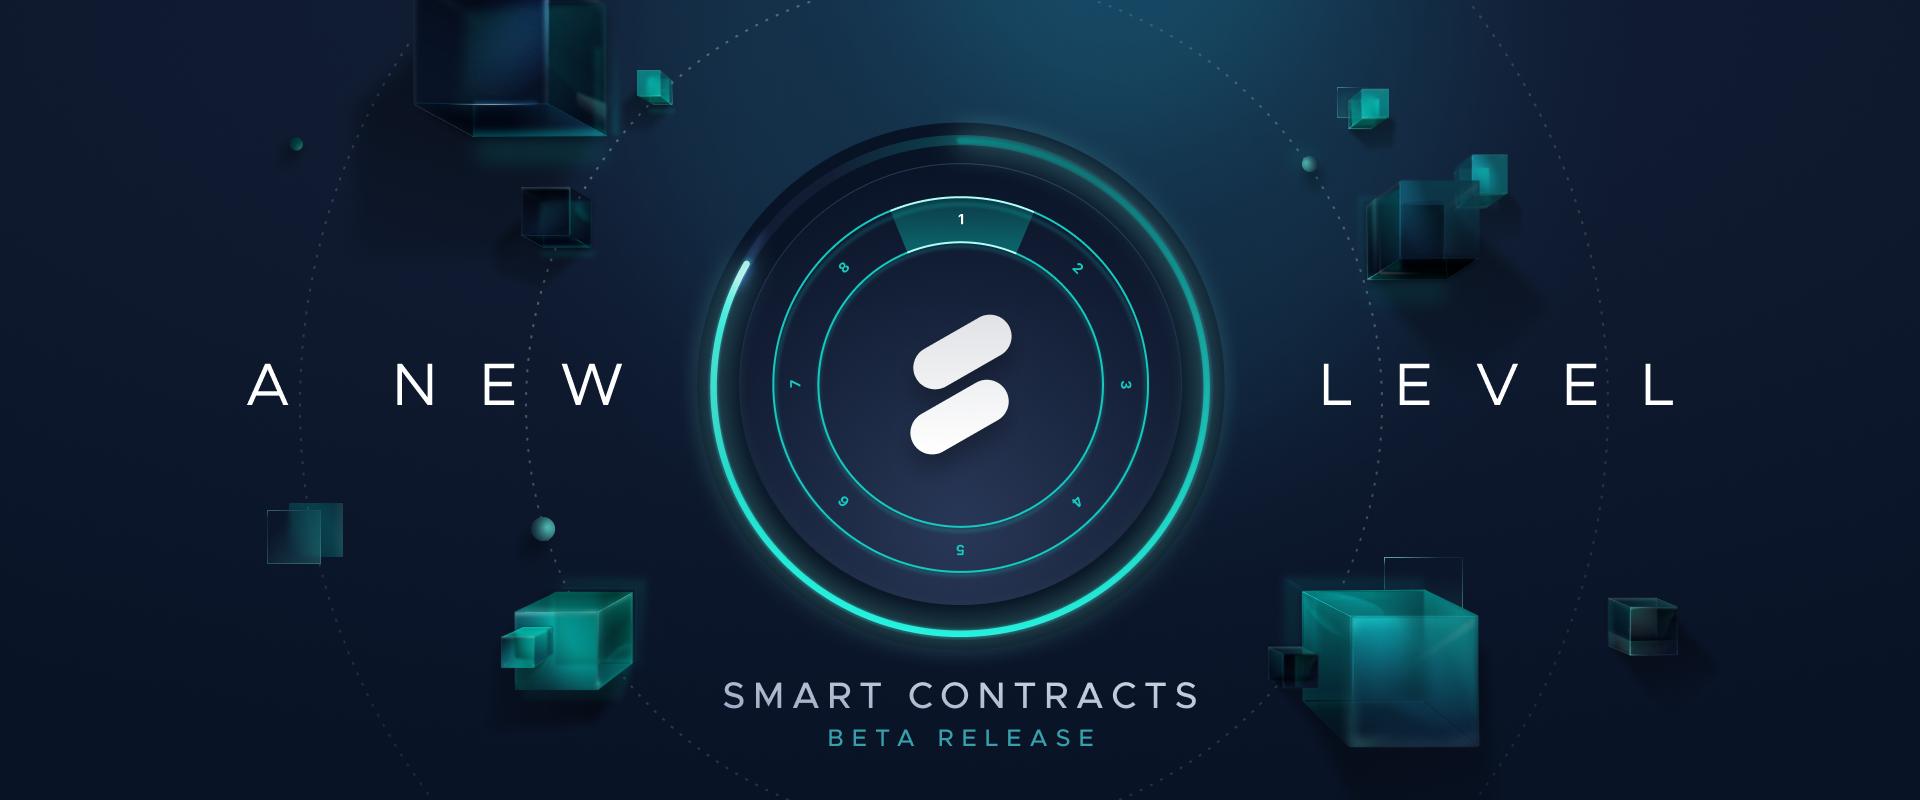 IOTA triển khai phiên bản beta cho Smart Contract – Kỉ nguyên mới cho sự phát triển DApp?